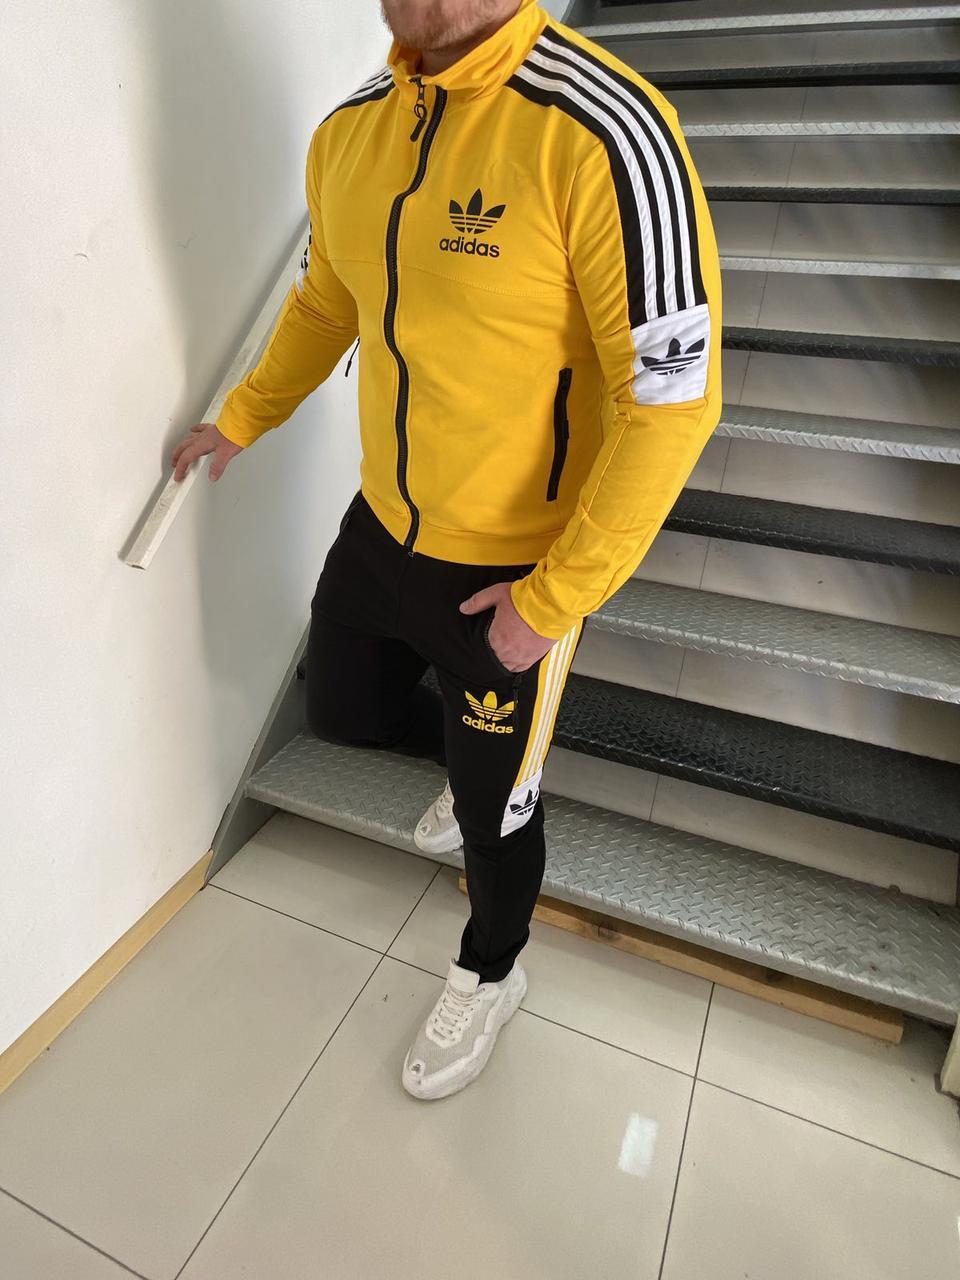 Бренди осінь 2020! Чоловічий костюм Adidas. Розміри з м л хл ххл. Тканина турецька двухнить.